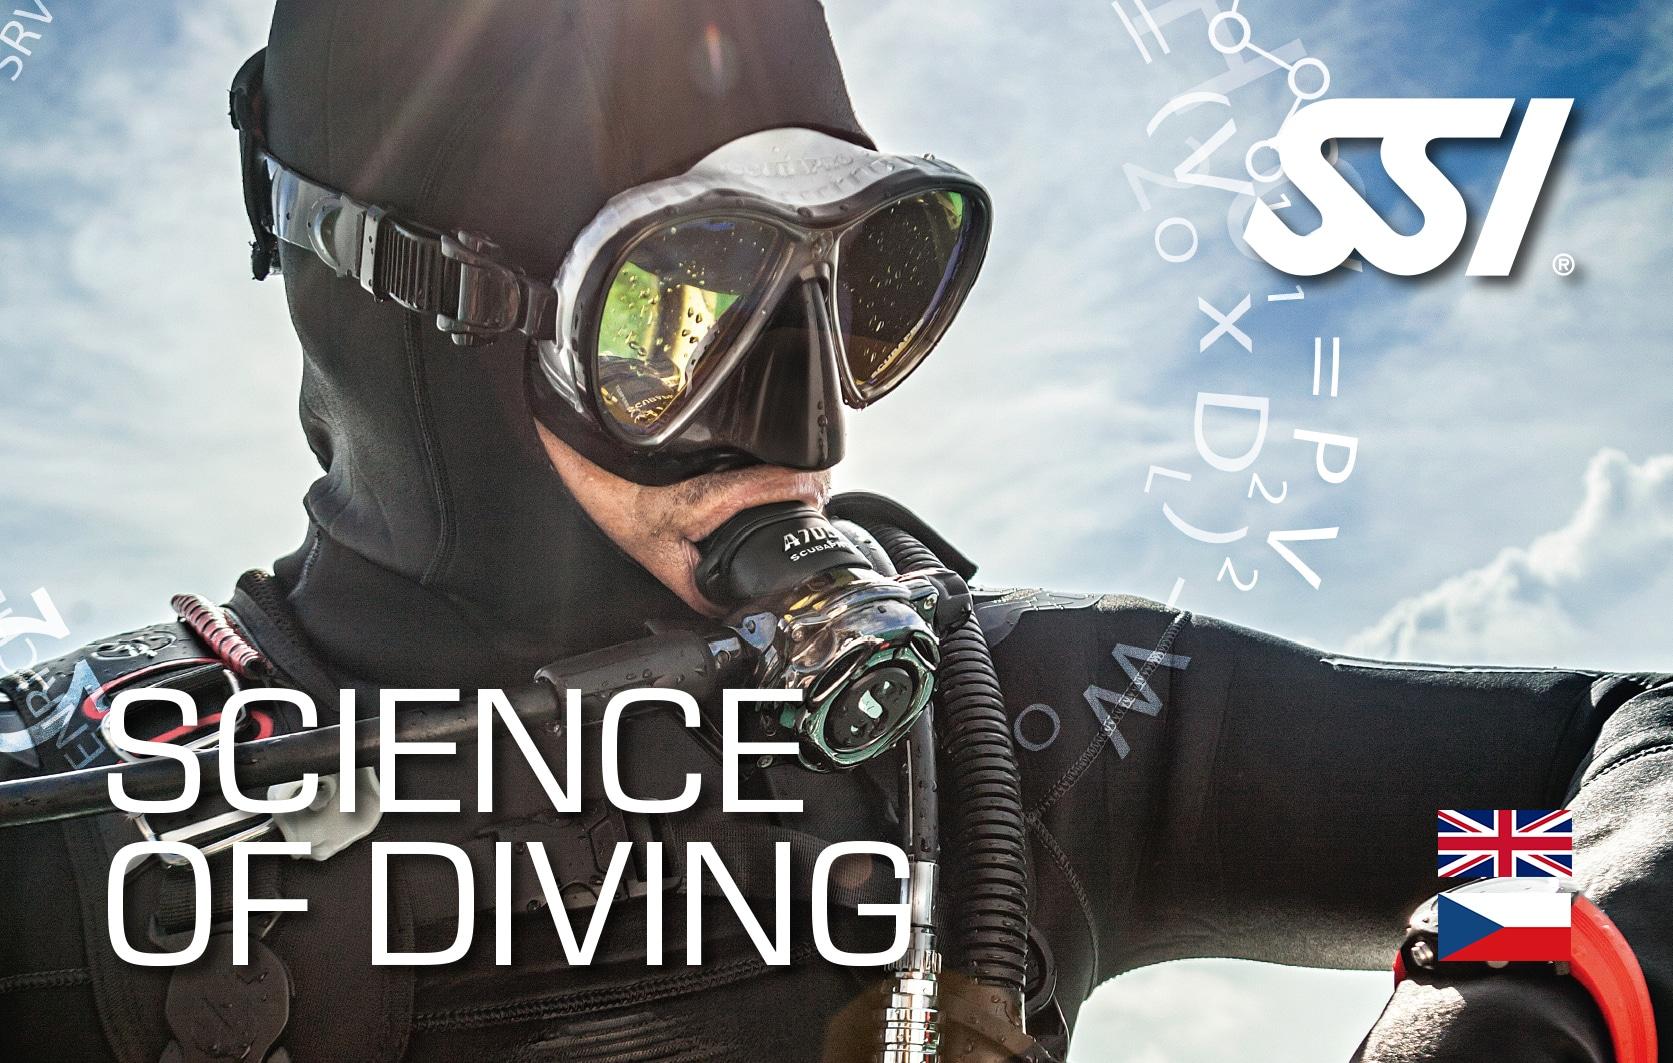 Science-of-Diving-3 kopie